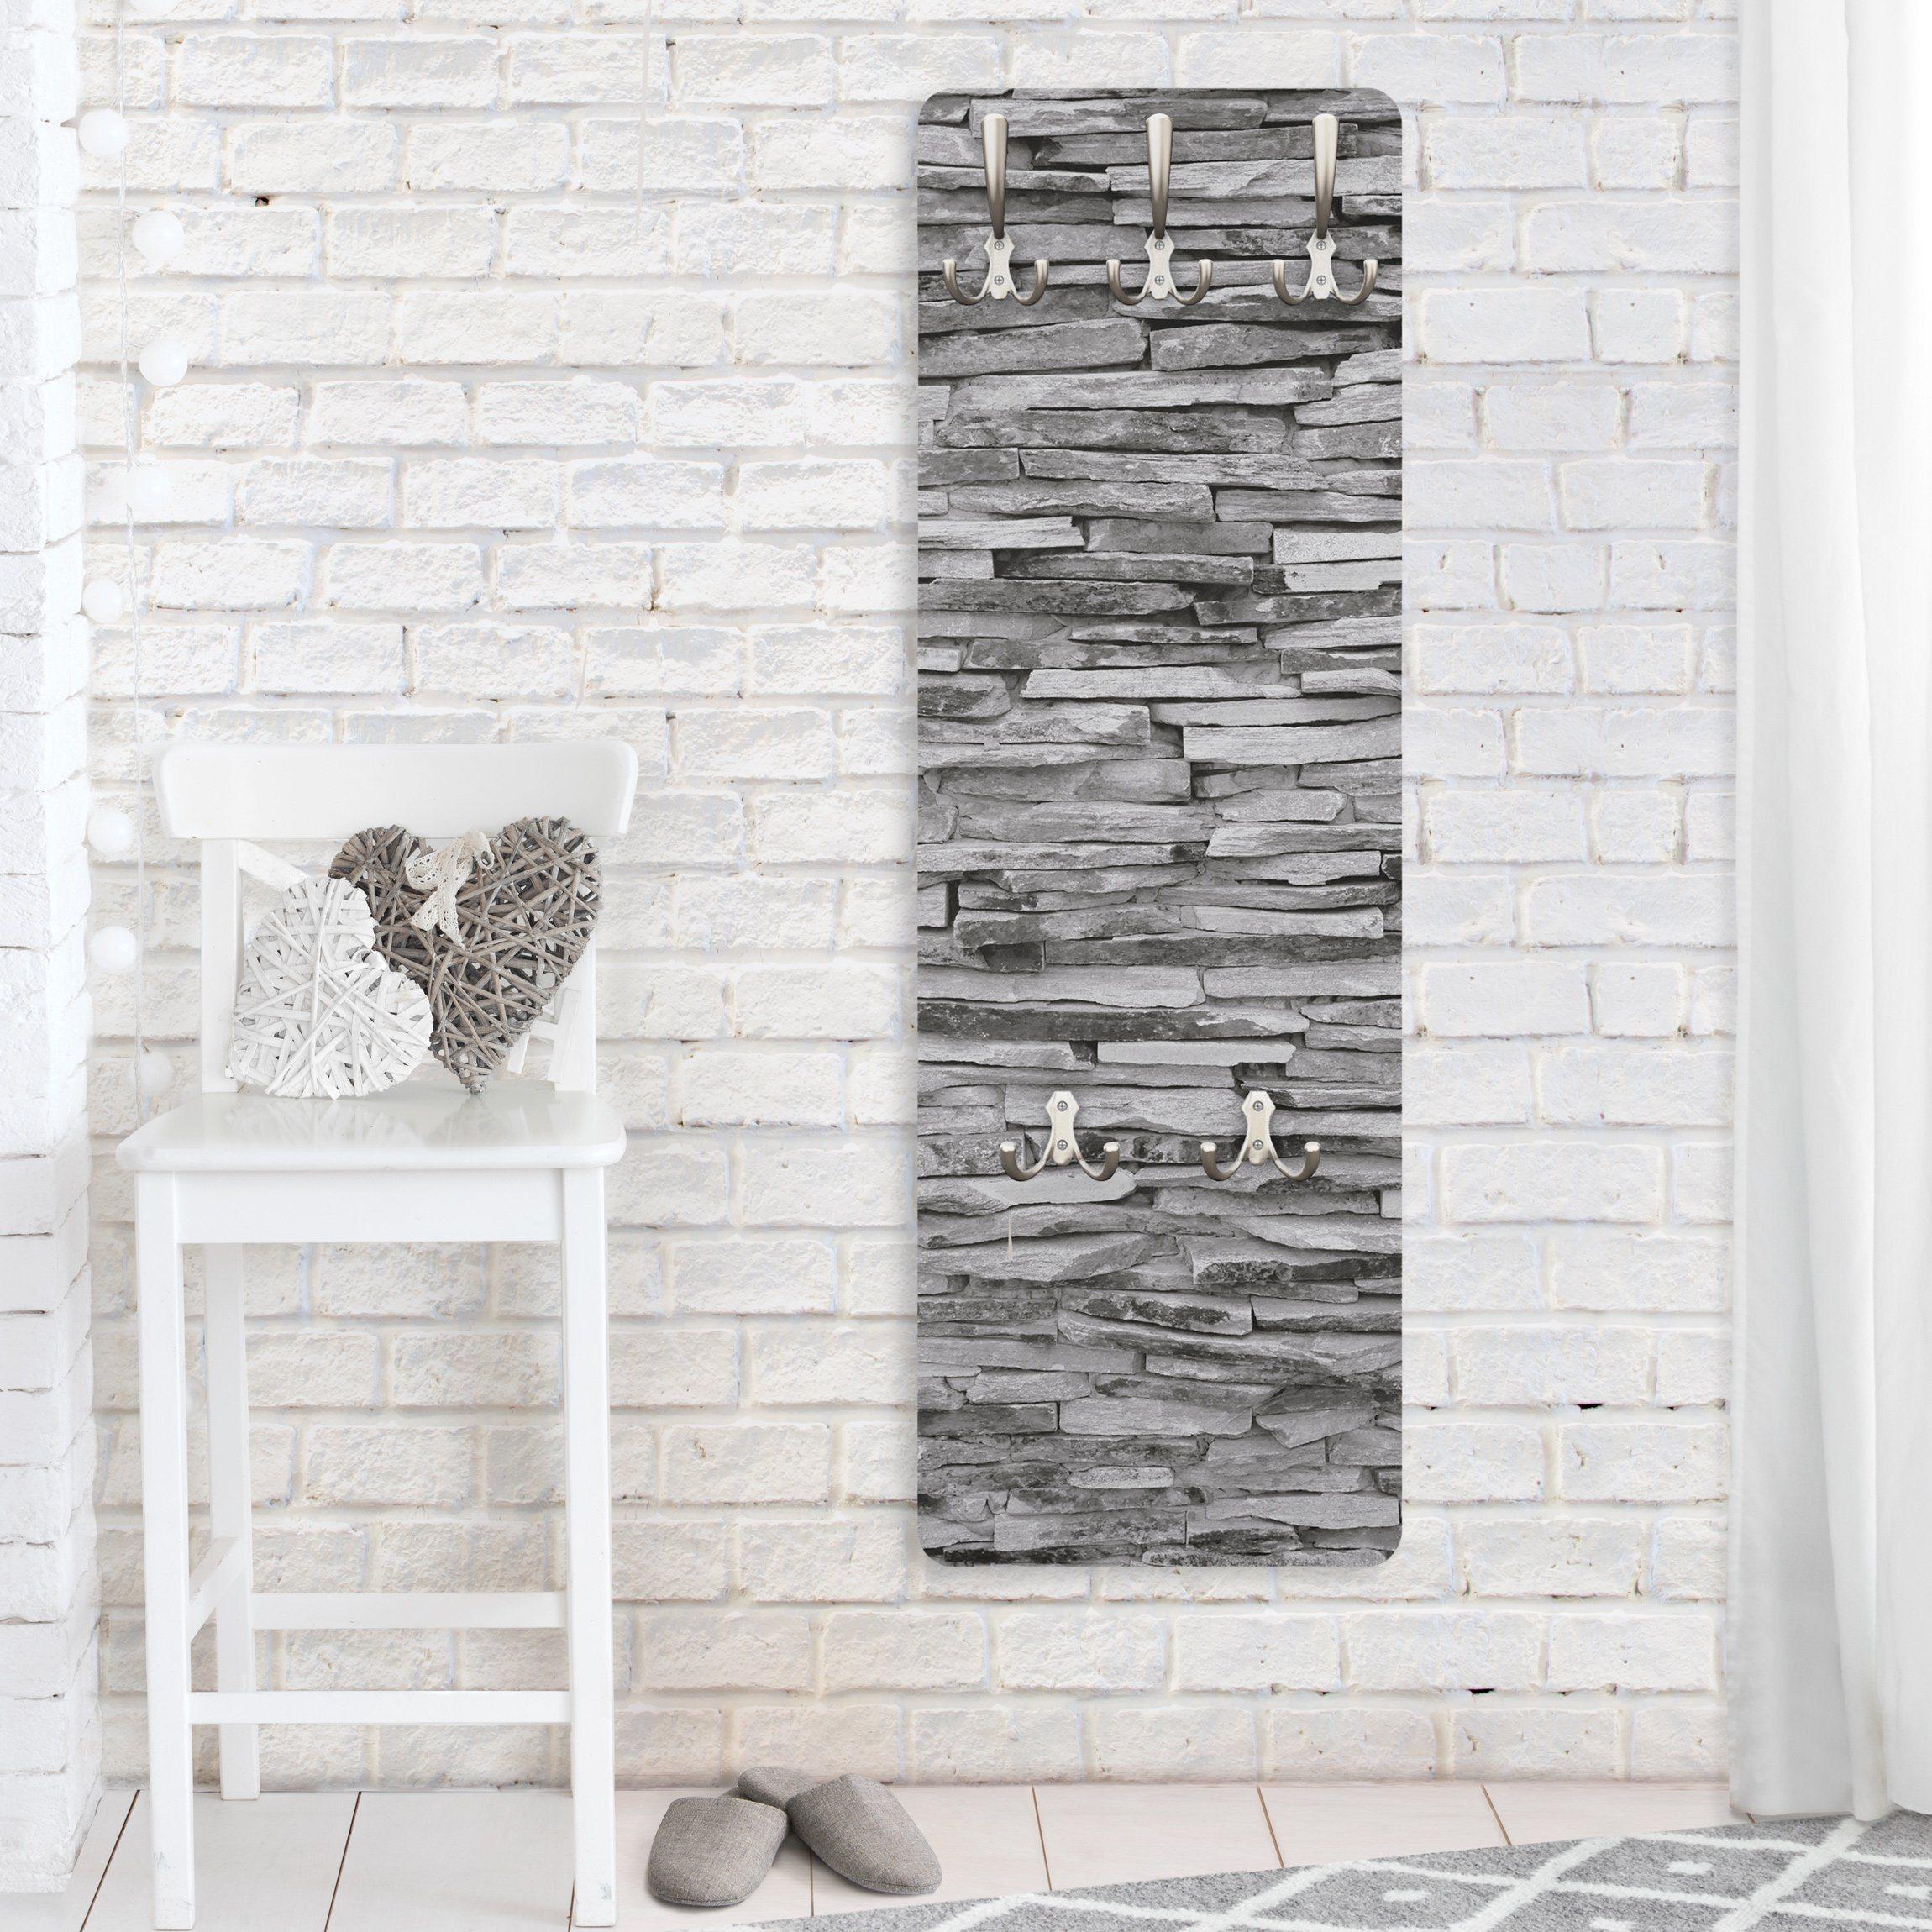 Bilderwelten Wandgarderobe 139x46x2cm »Arizona Stonewall« | Flur & Diele > Garderoben > Garderobenhaken | Weiß - Matt | Holz - Faserplatte - Metall | Bilderwelten